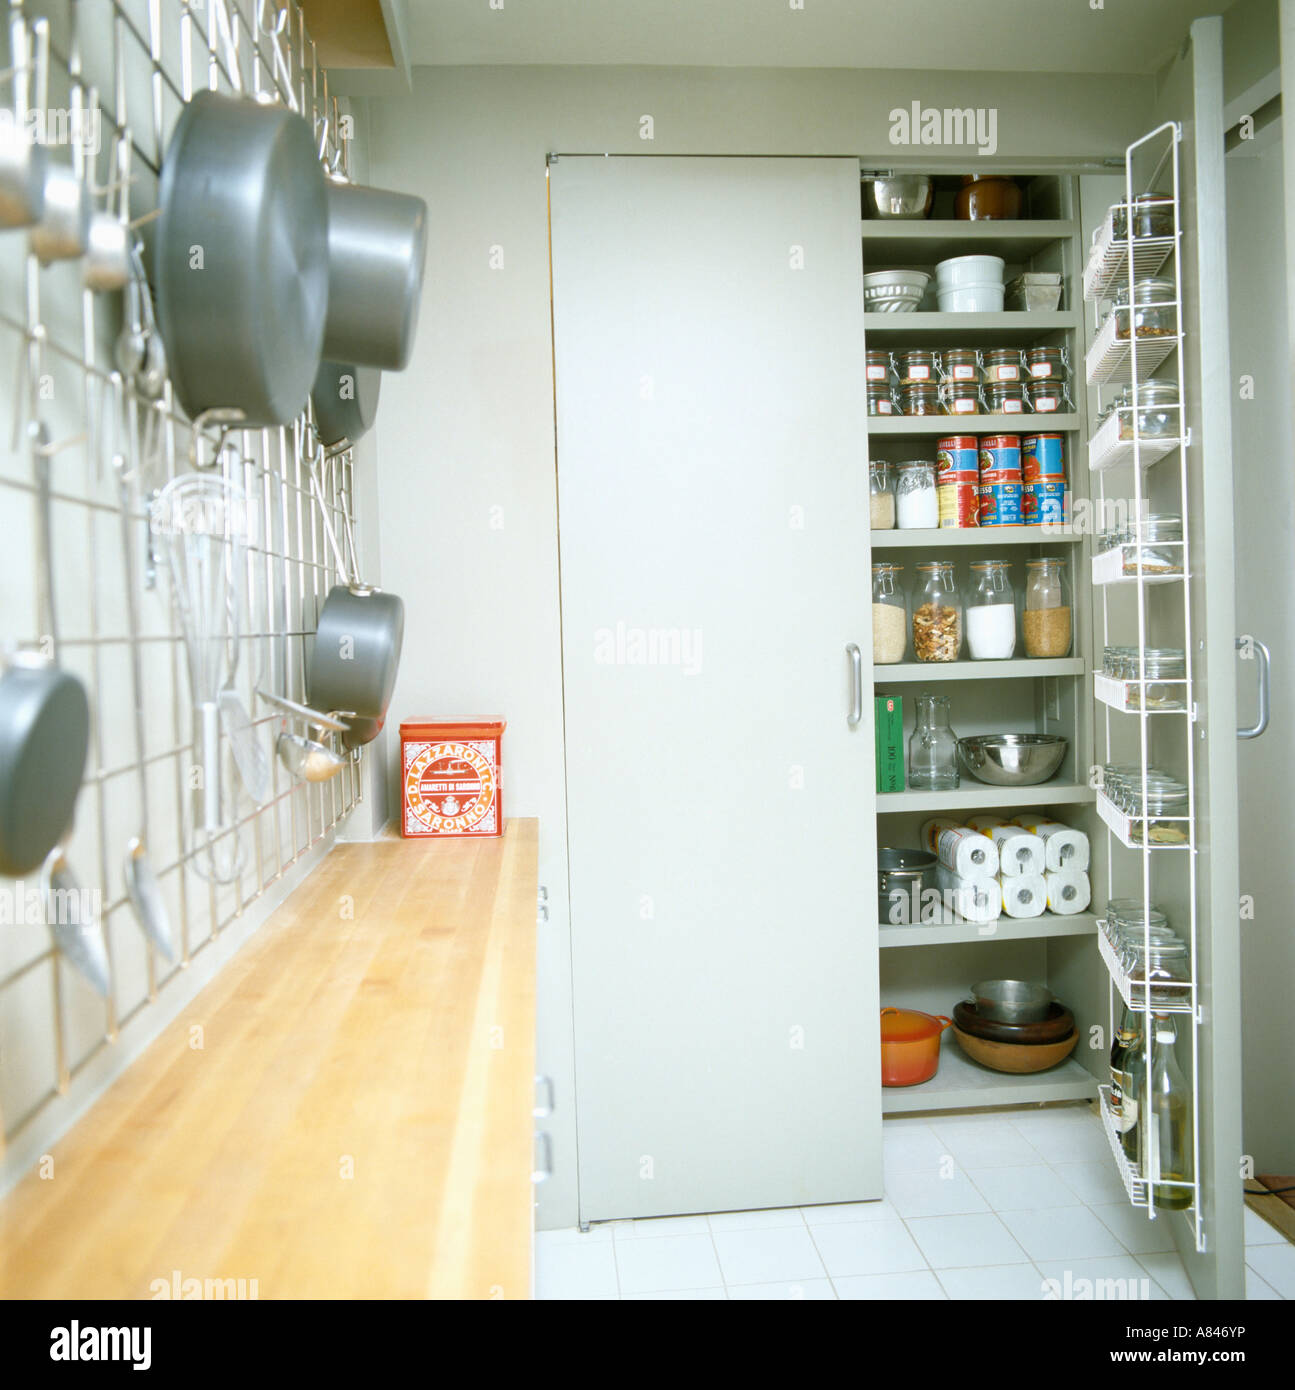 Vorratsschrank küche weiß  Offene Tür für Vorratsschrank Schrank mit Regalen in Pantry-Küche ...